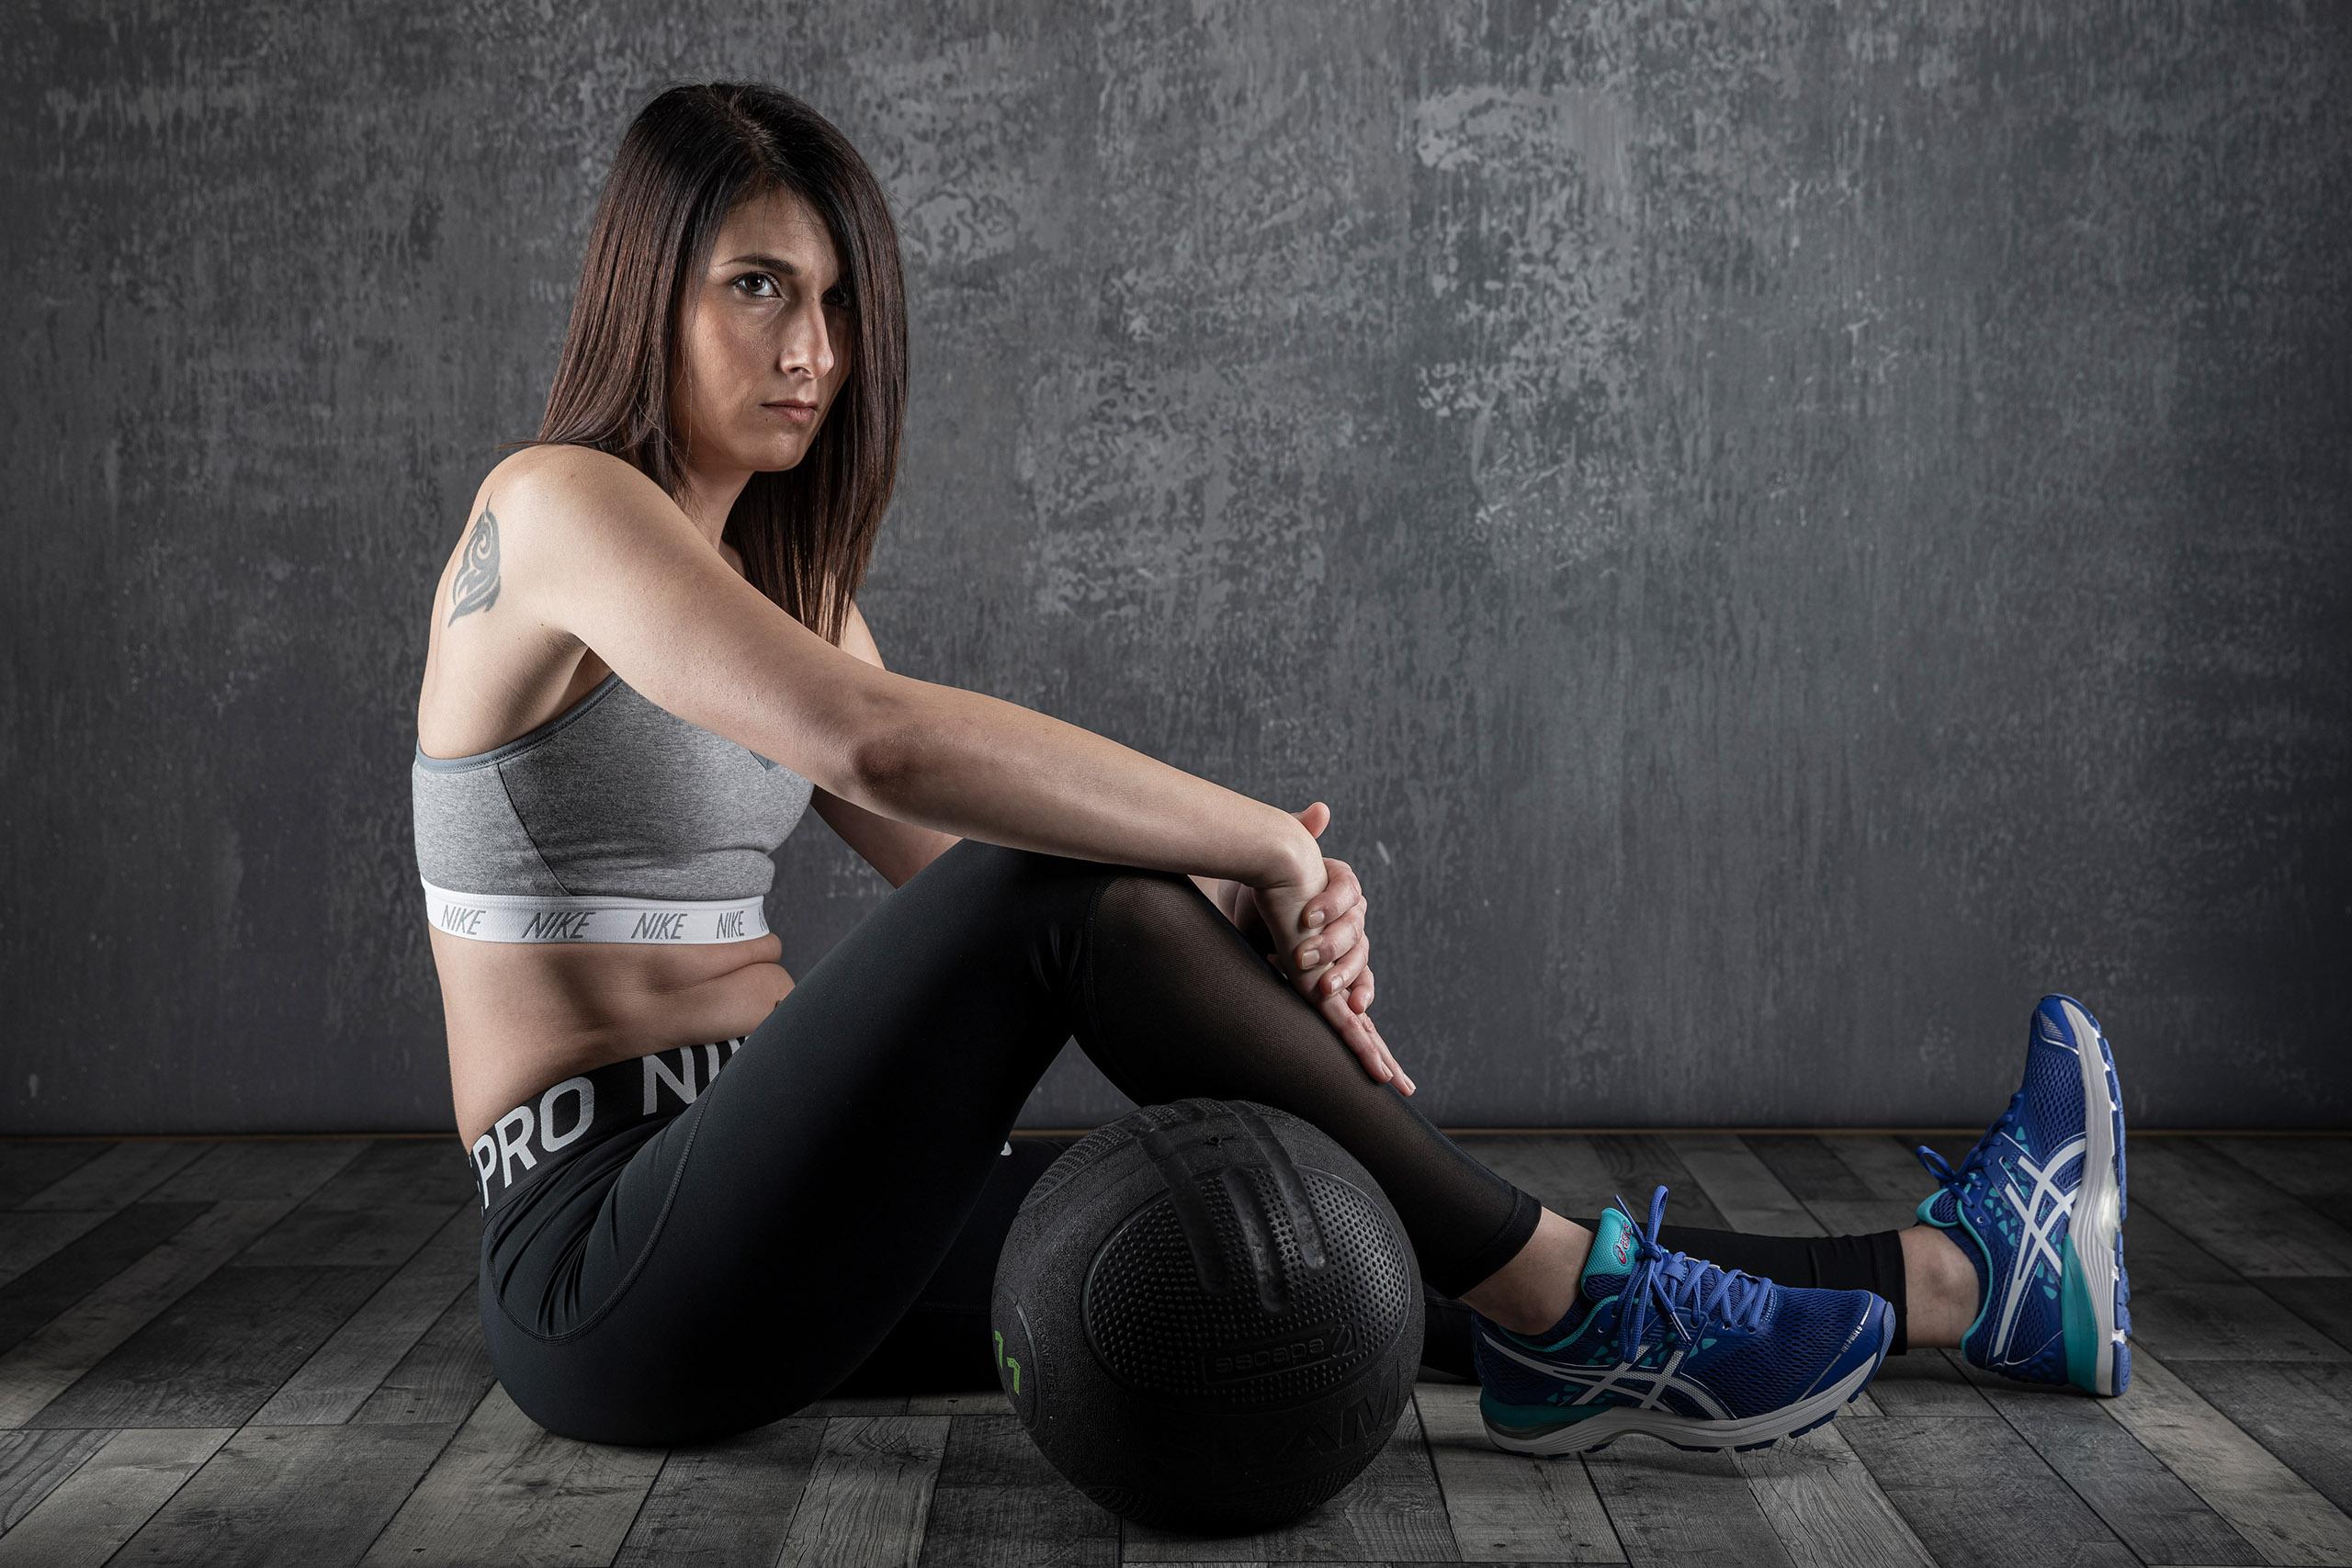 Fotografía de estudio fitness con tres luces y fondo de tela gris